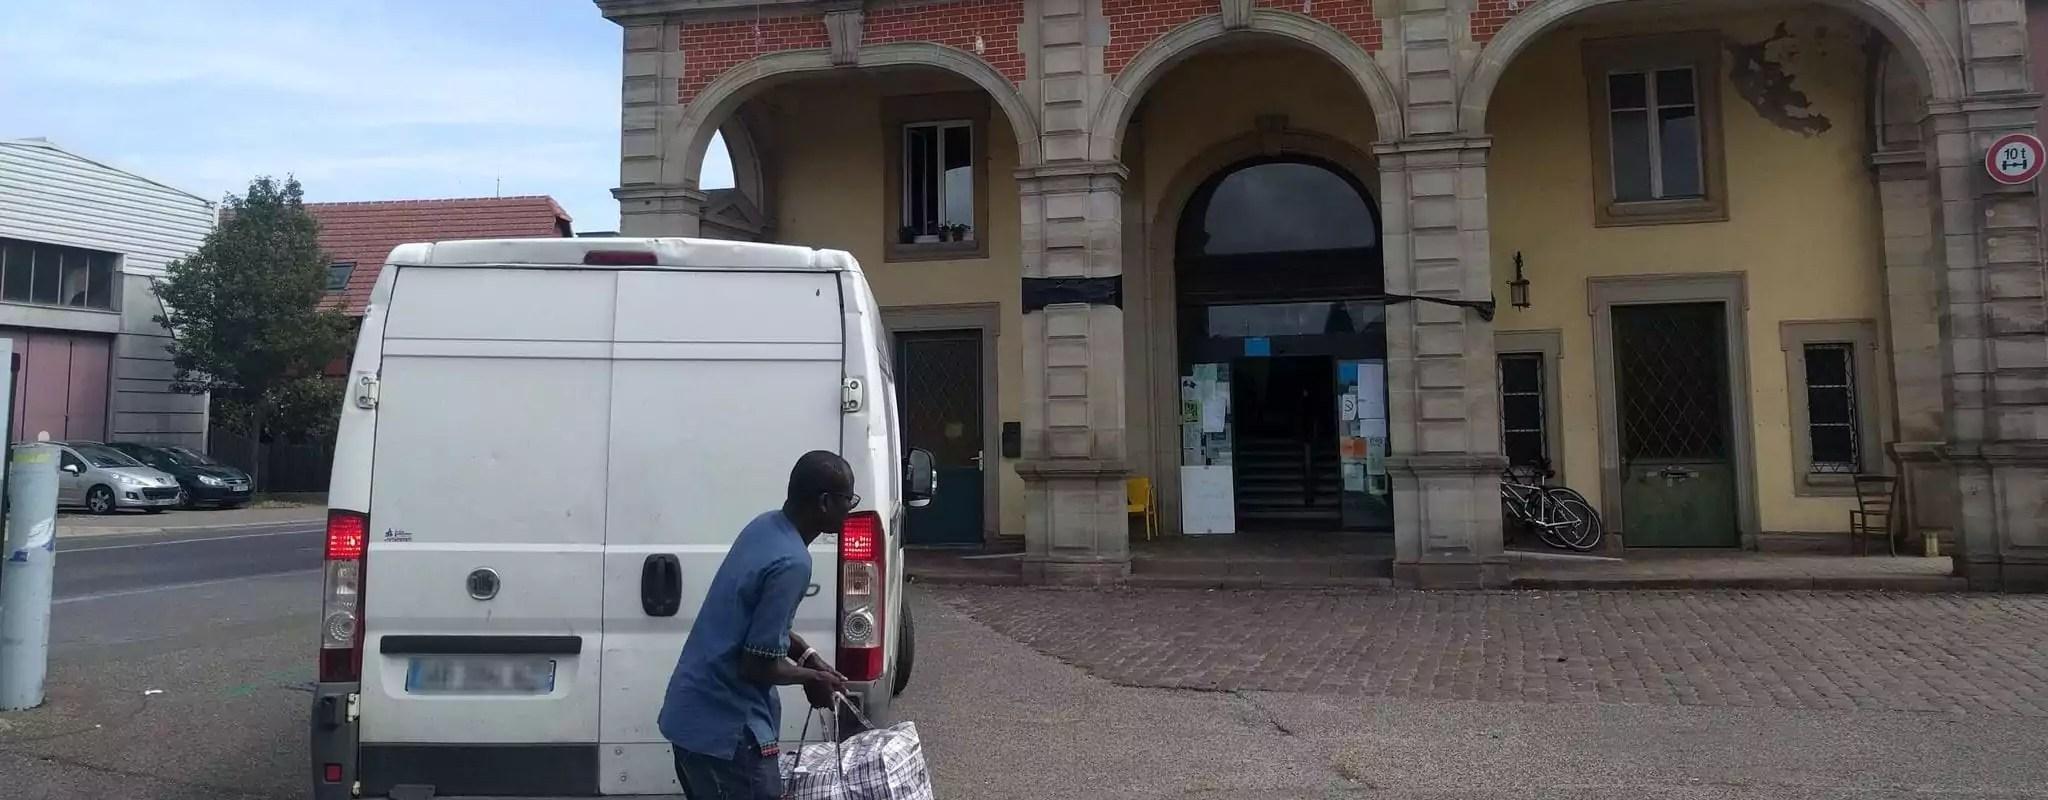 Deux huissiers mandatés par la Ville de Strasbourg au squat Gruber